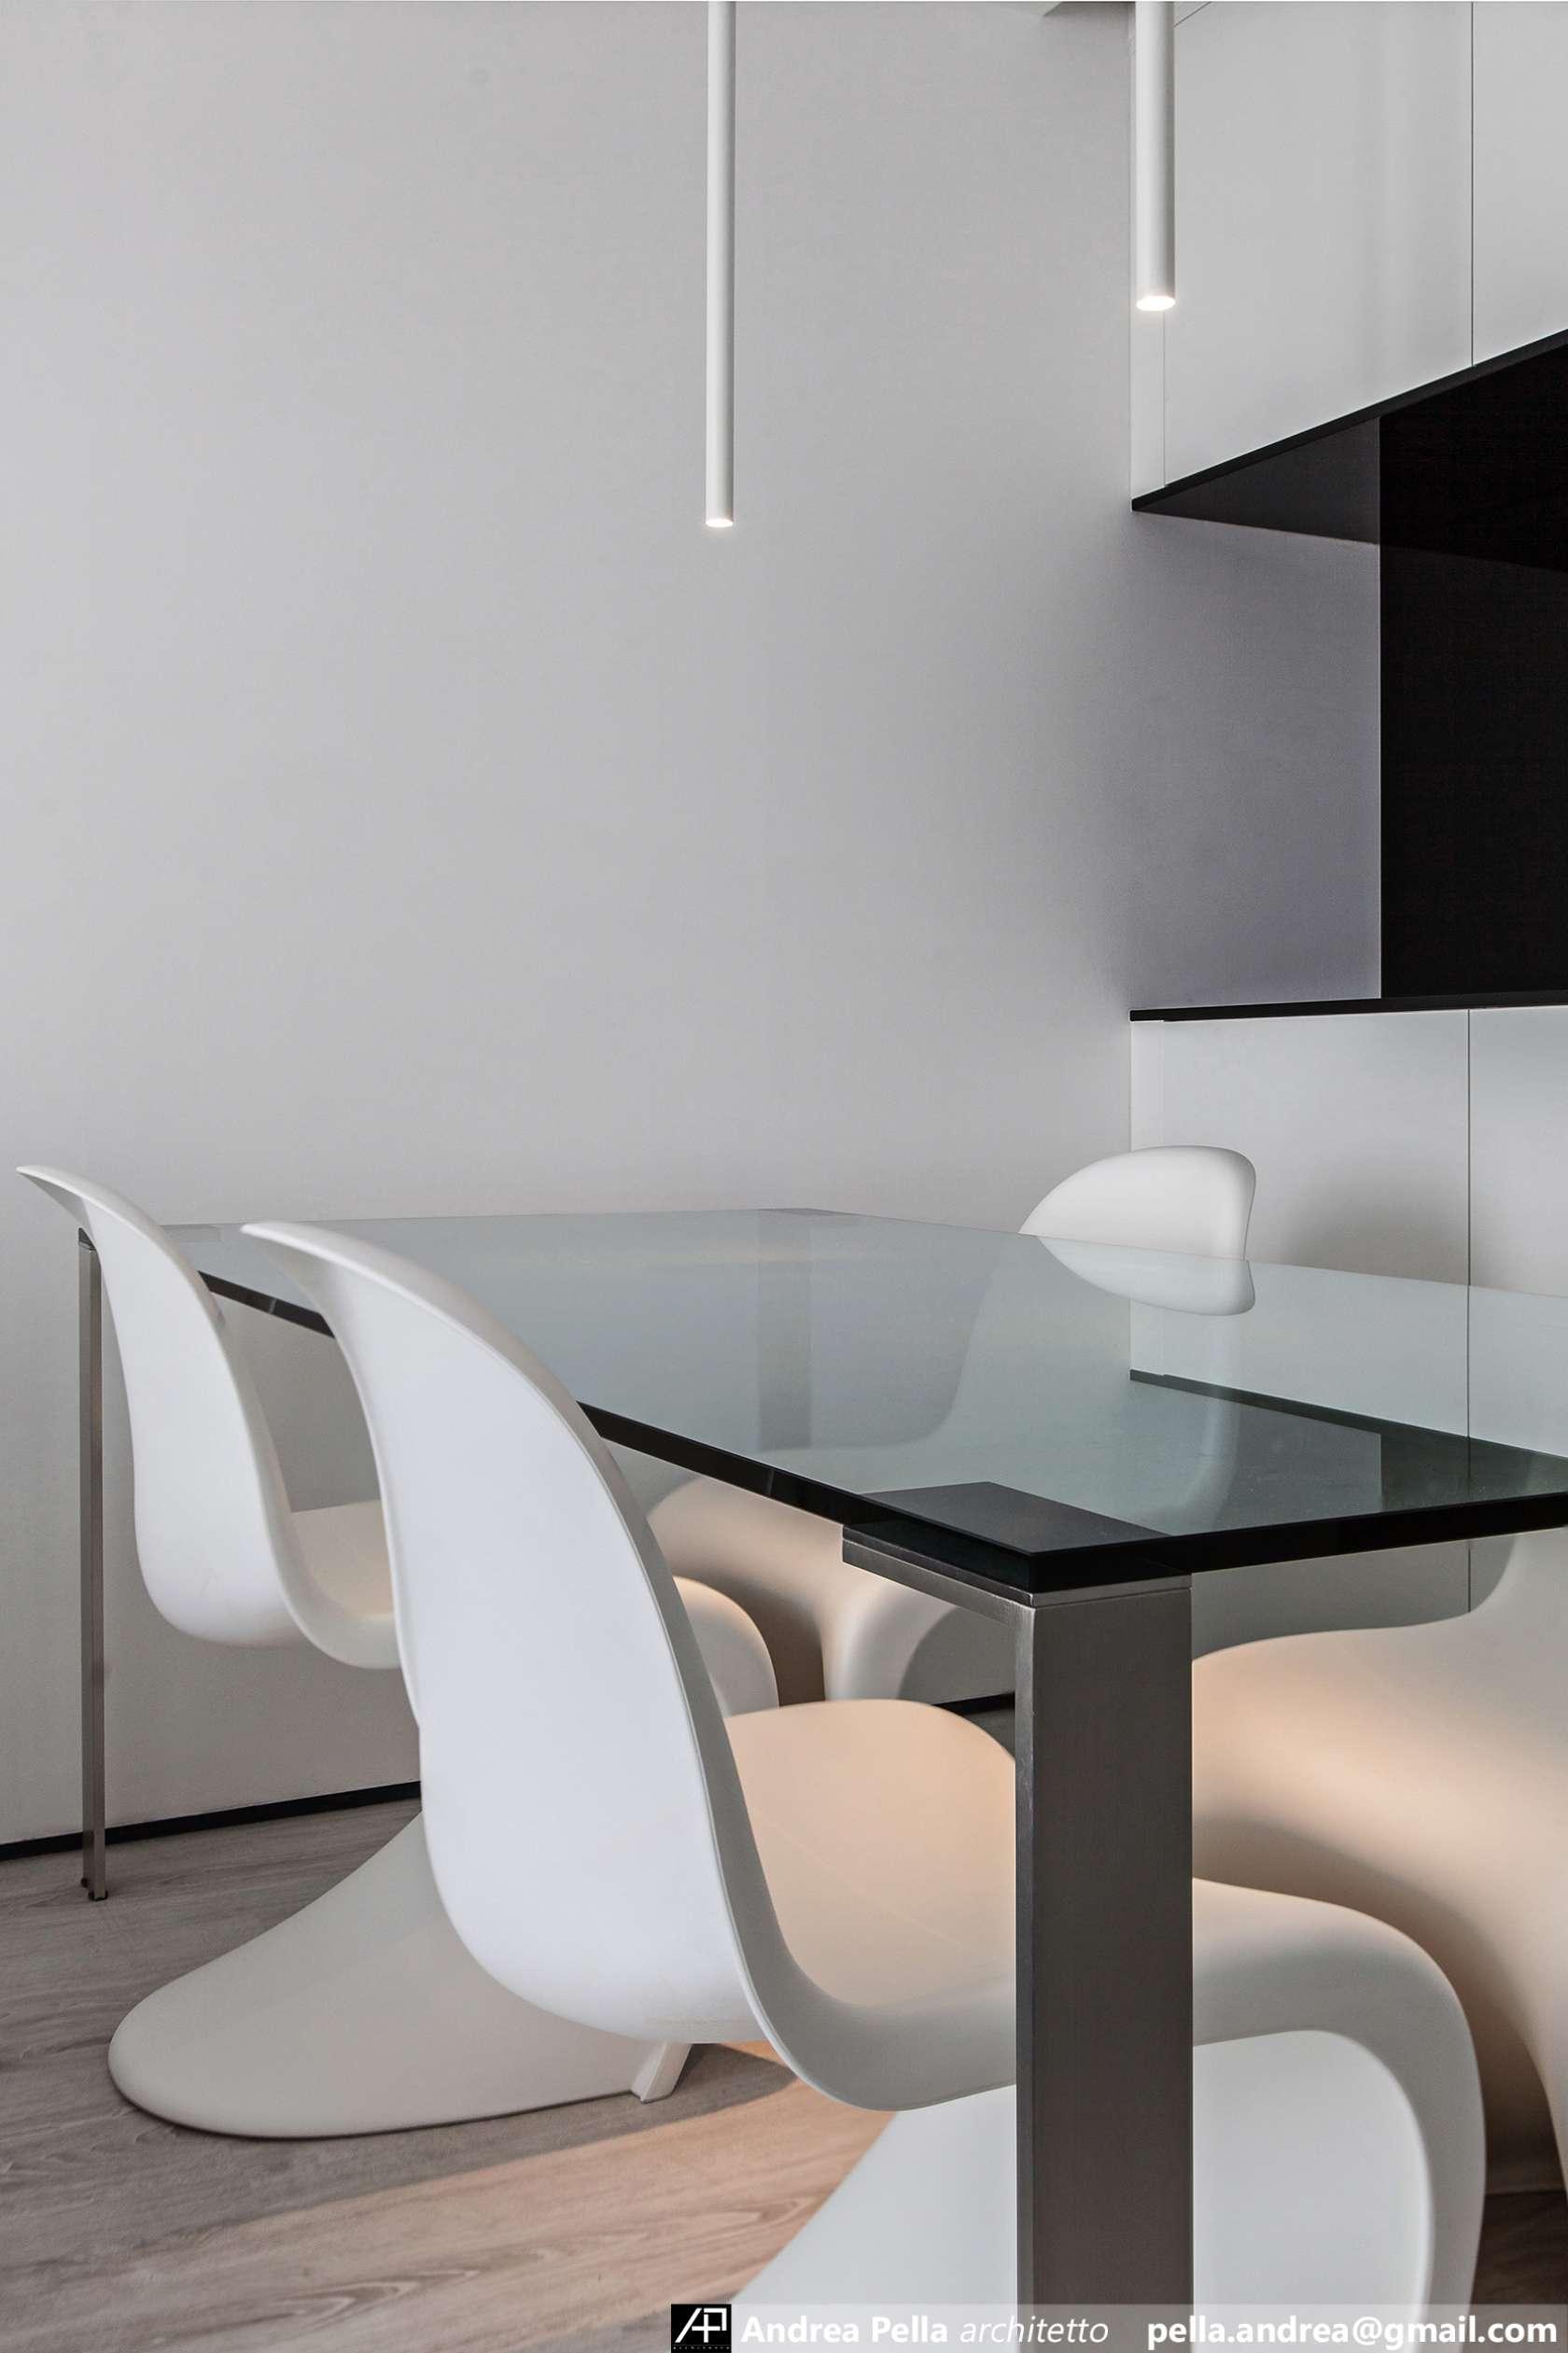 малък апартамент в минималистичен стил - 5